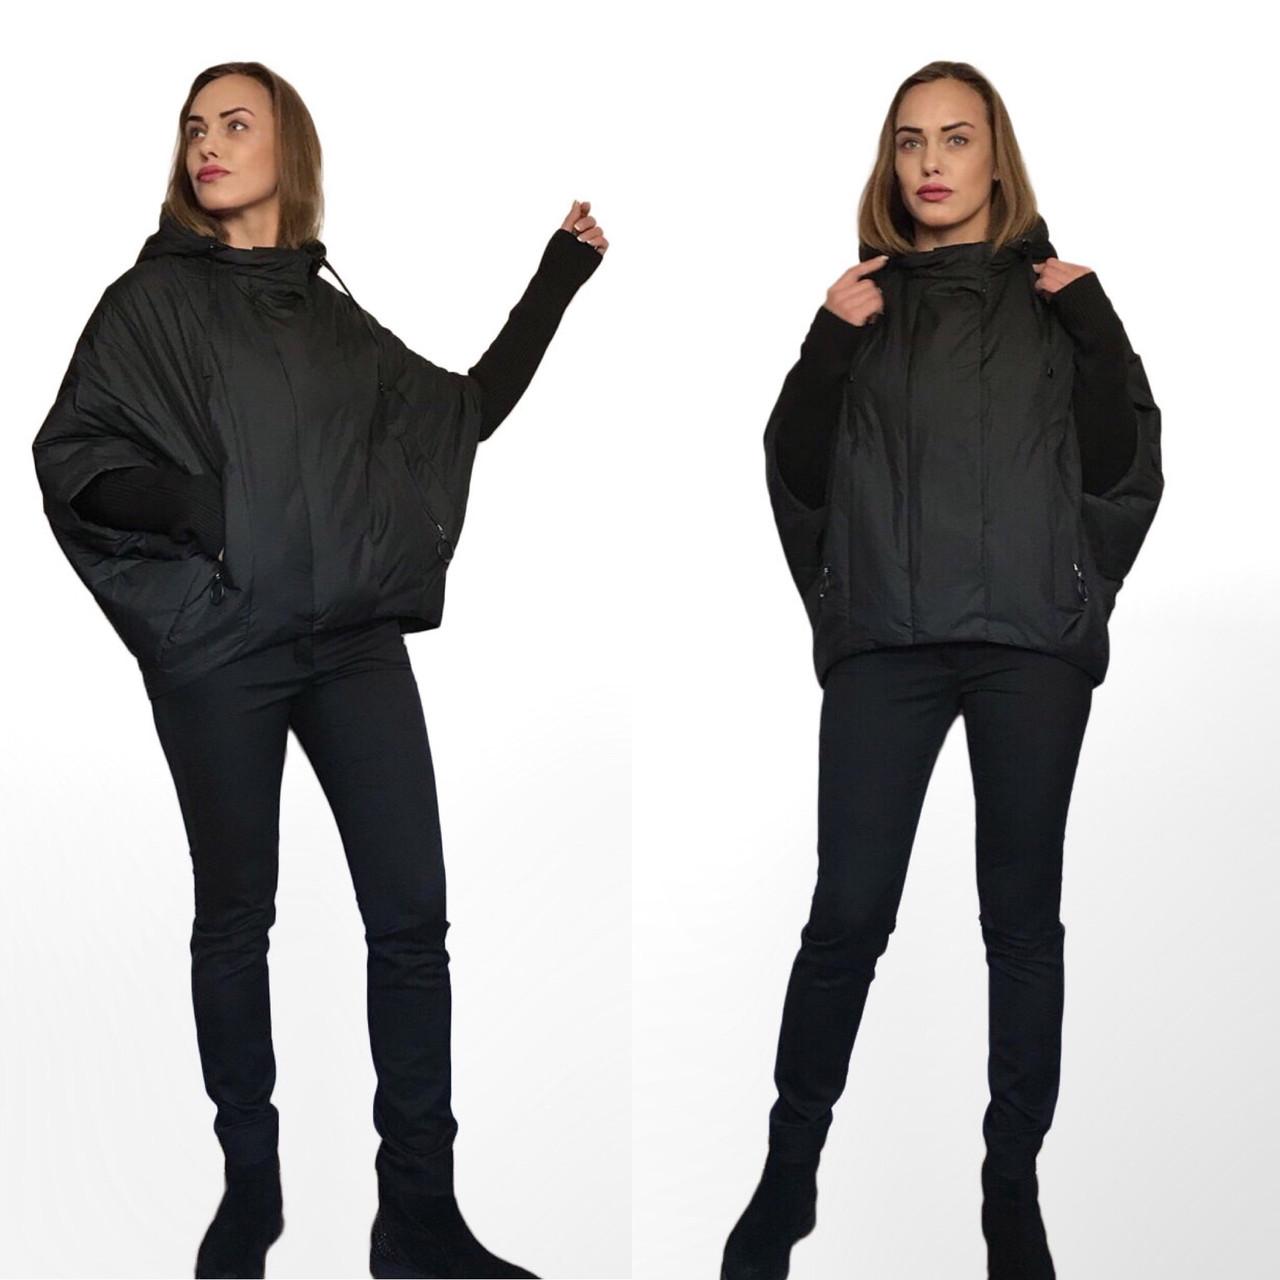 ТРЕНД - Дизайнерская Фабричная Куртка - Жилет TONGCOI. Гарантия высокого качества и стиля! Oversize